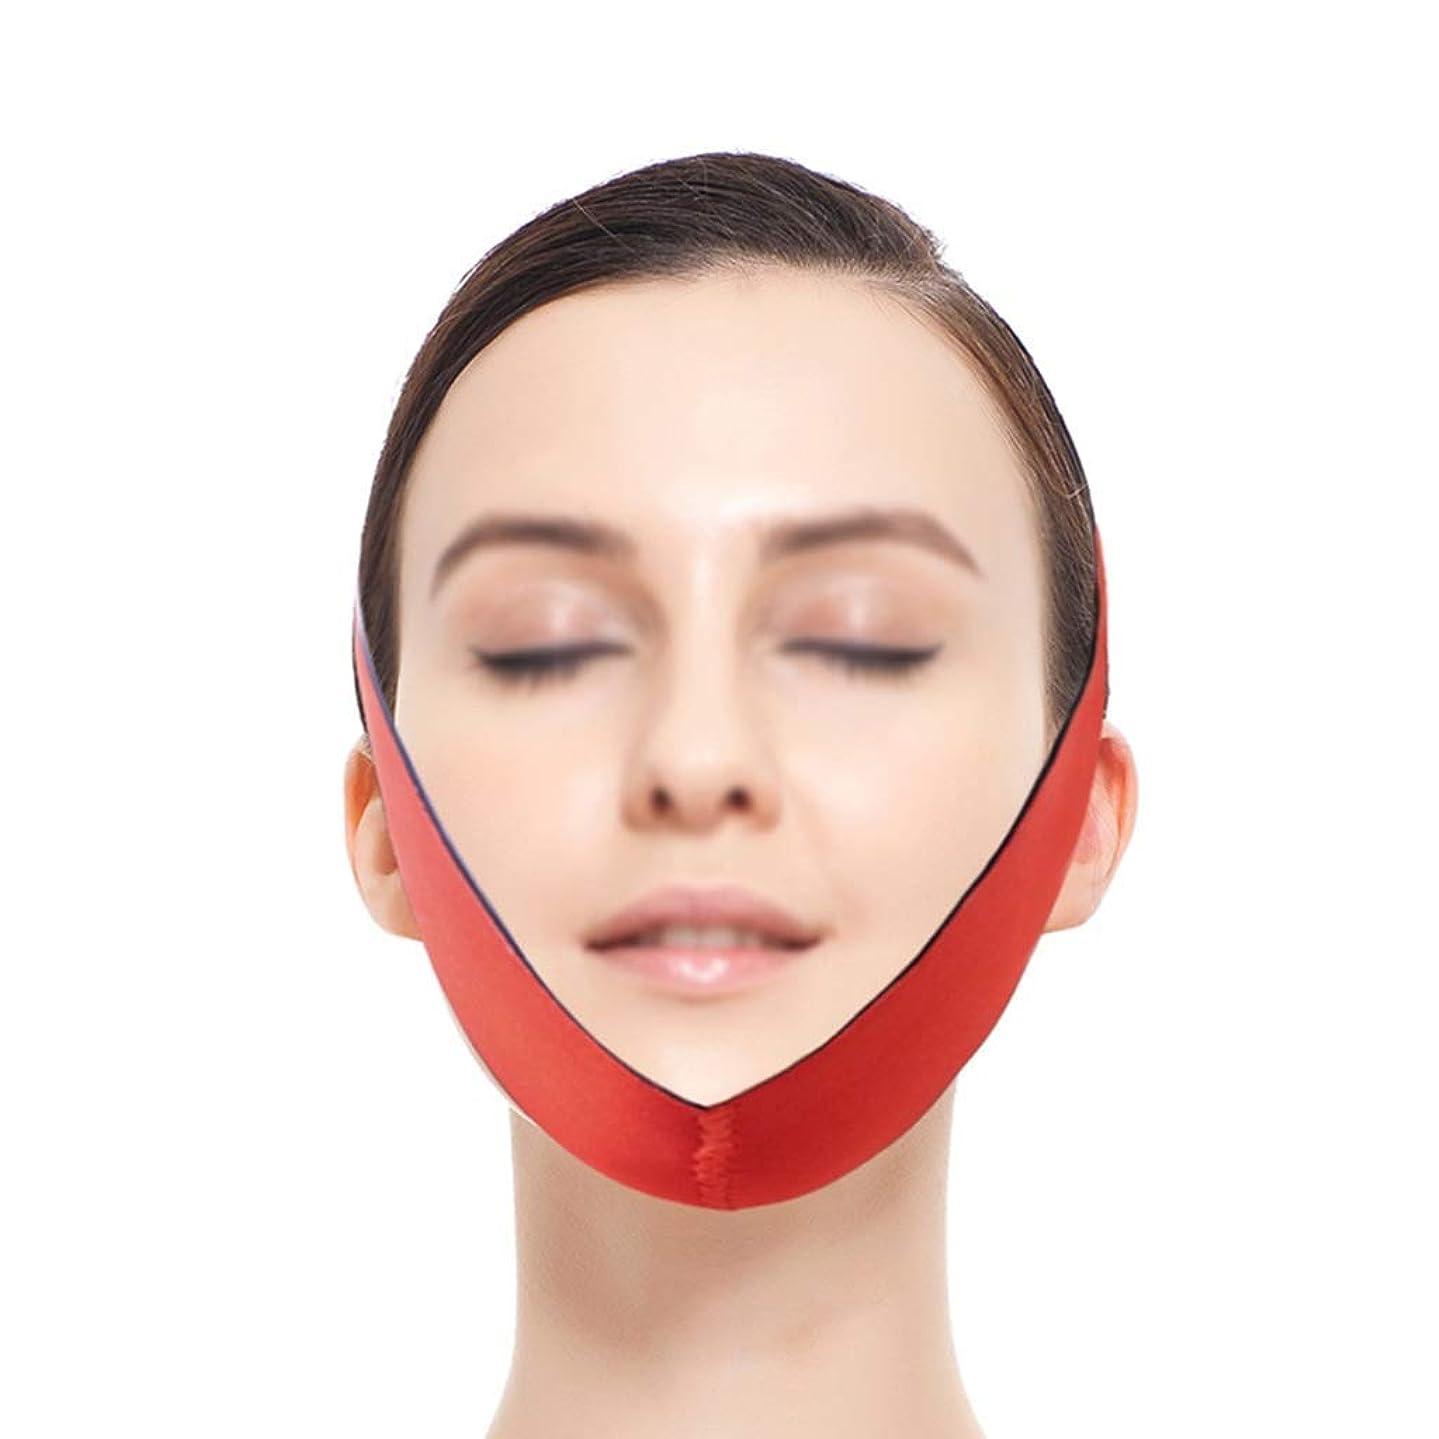 集中耐えられない気性フェイスリフティングマスク、Vフェイスリフティングおよびタイトニング、ダブルチンウェイトロスバンデージ、フェイシャルリフティングフェイスバンド(すべてのコード)